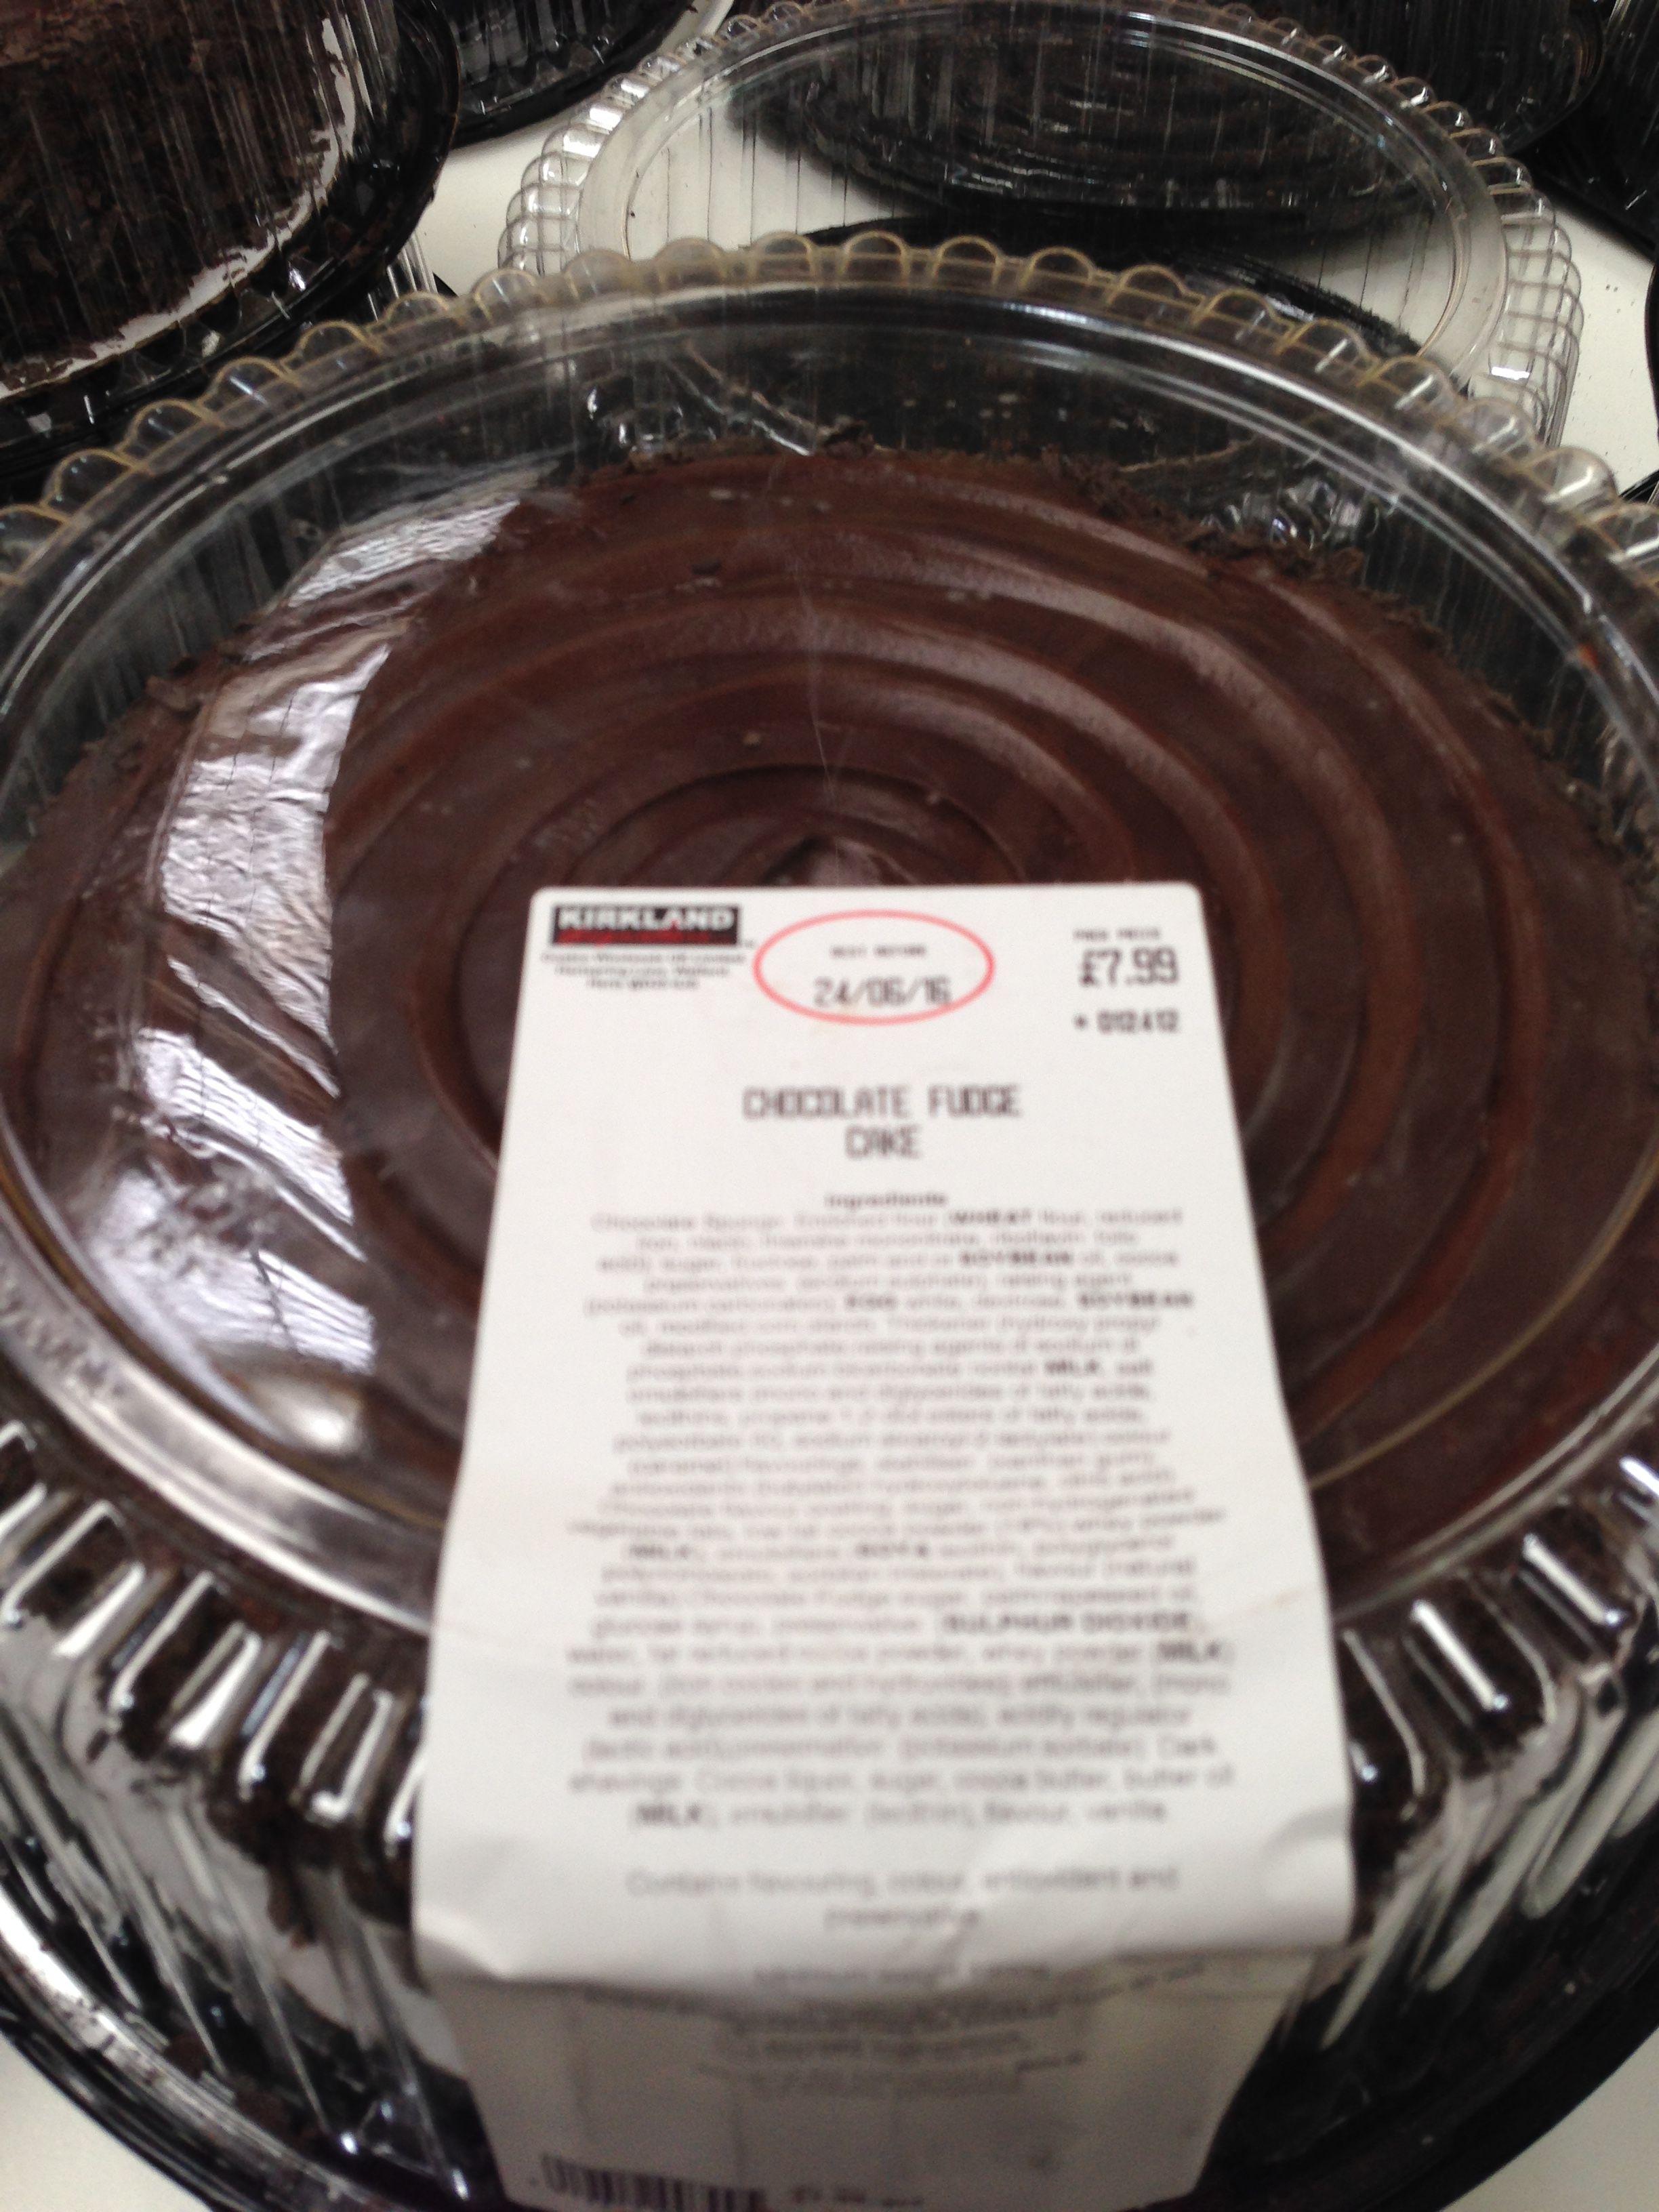 Cake Recipes Easy Homemade Desserts